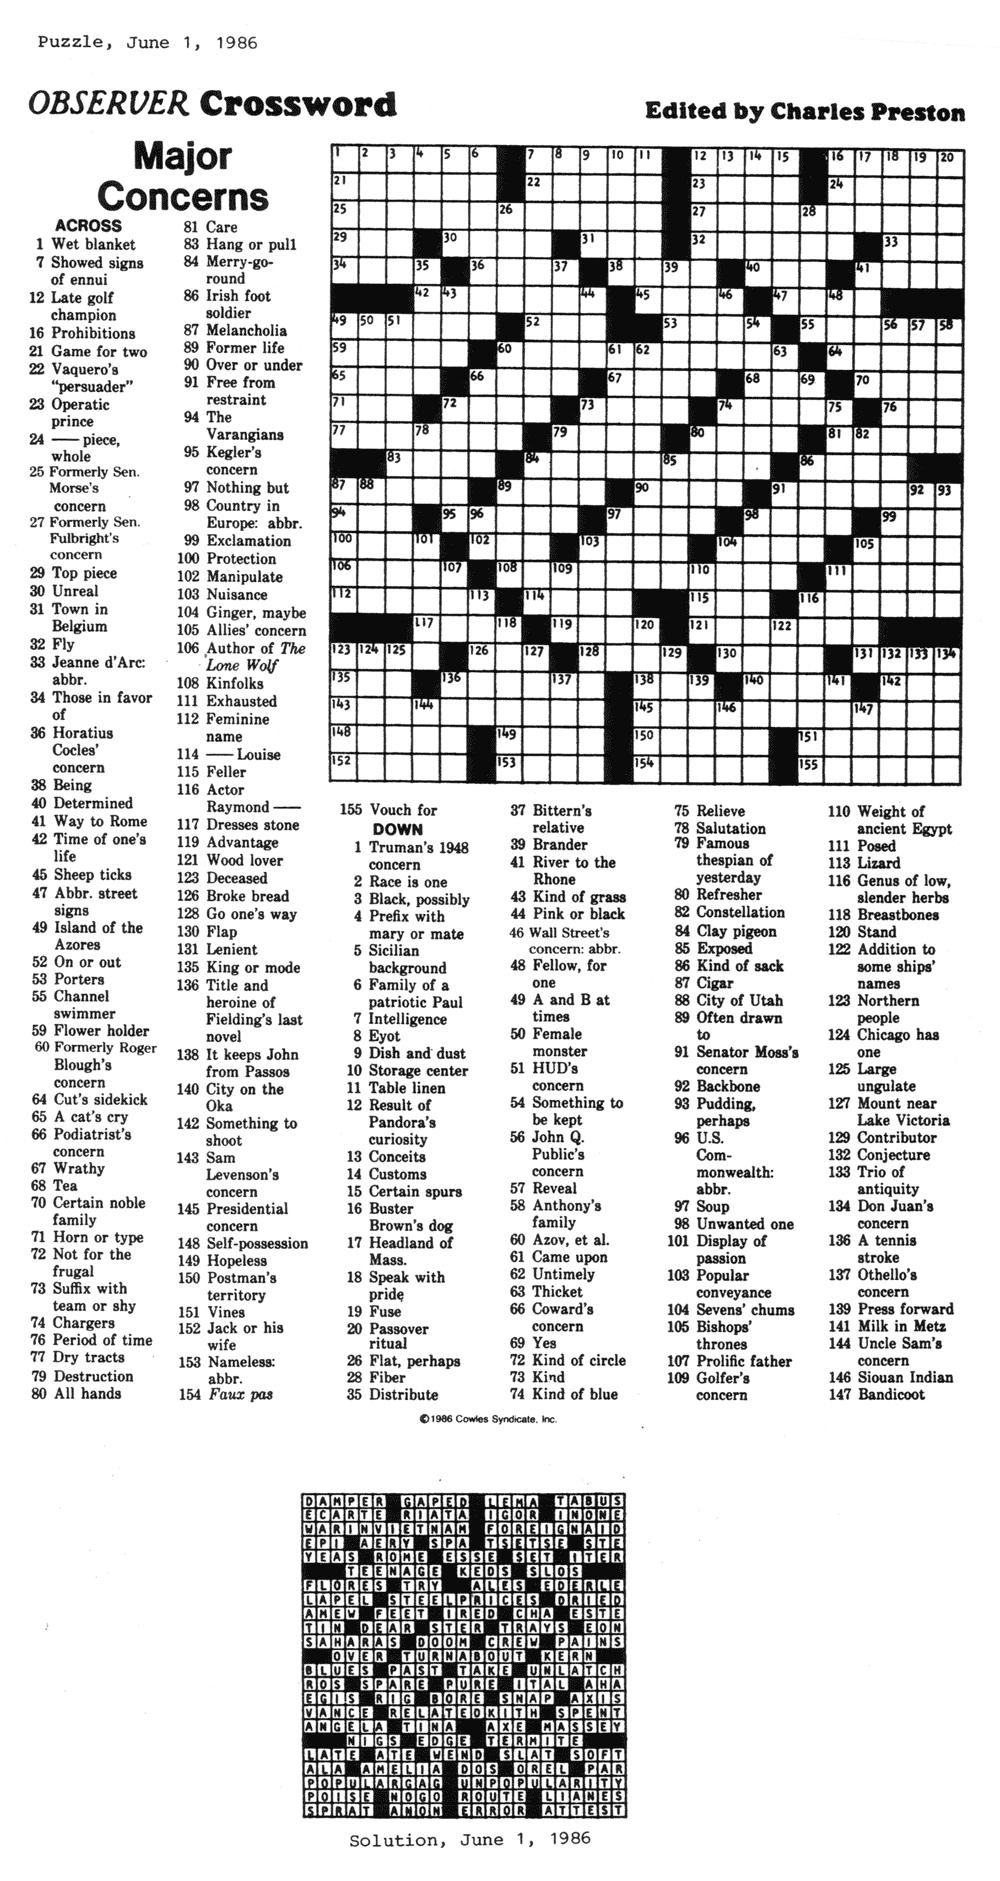 Eugene Sheffer Crossword Puzzle Printable - Printable 360 Degree - Printable Crossword Puzzles By Eugene Sheffer